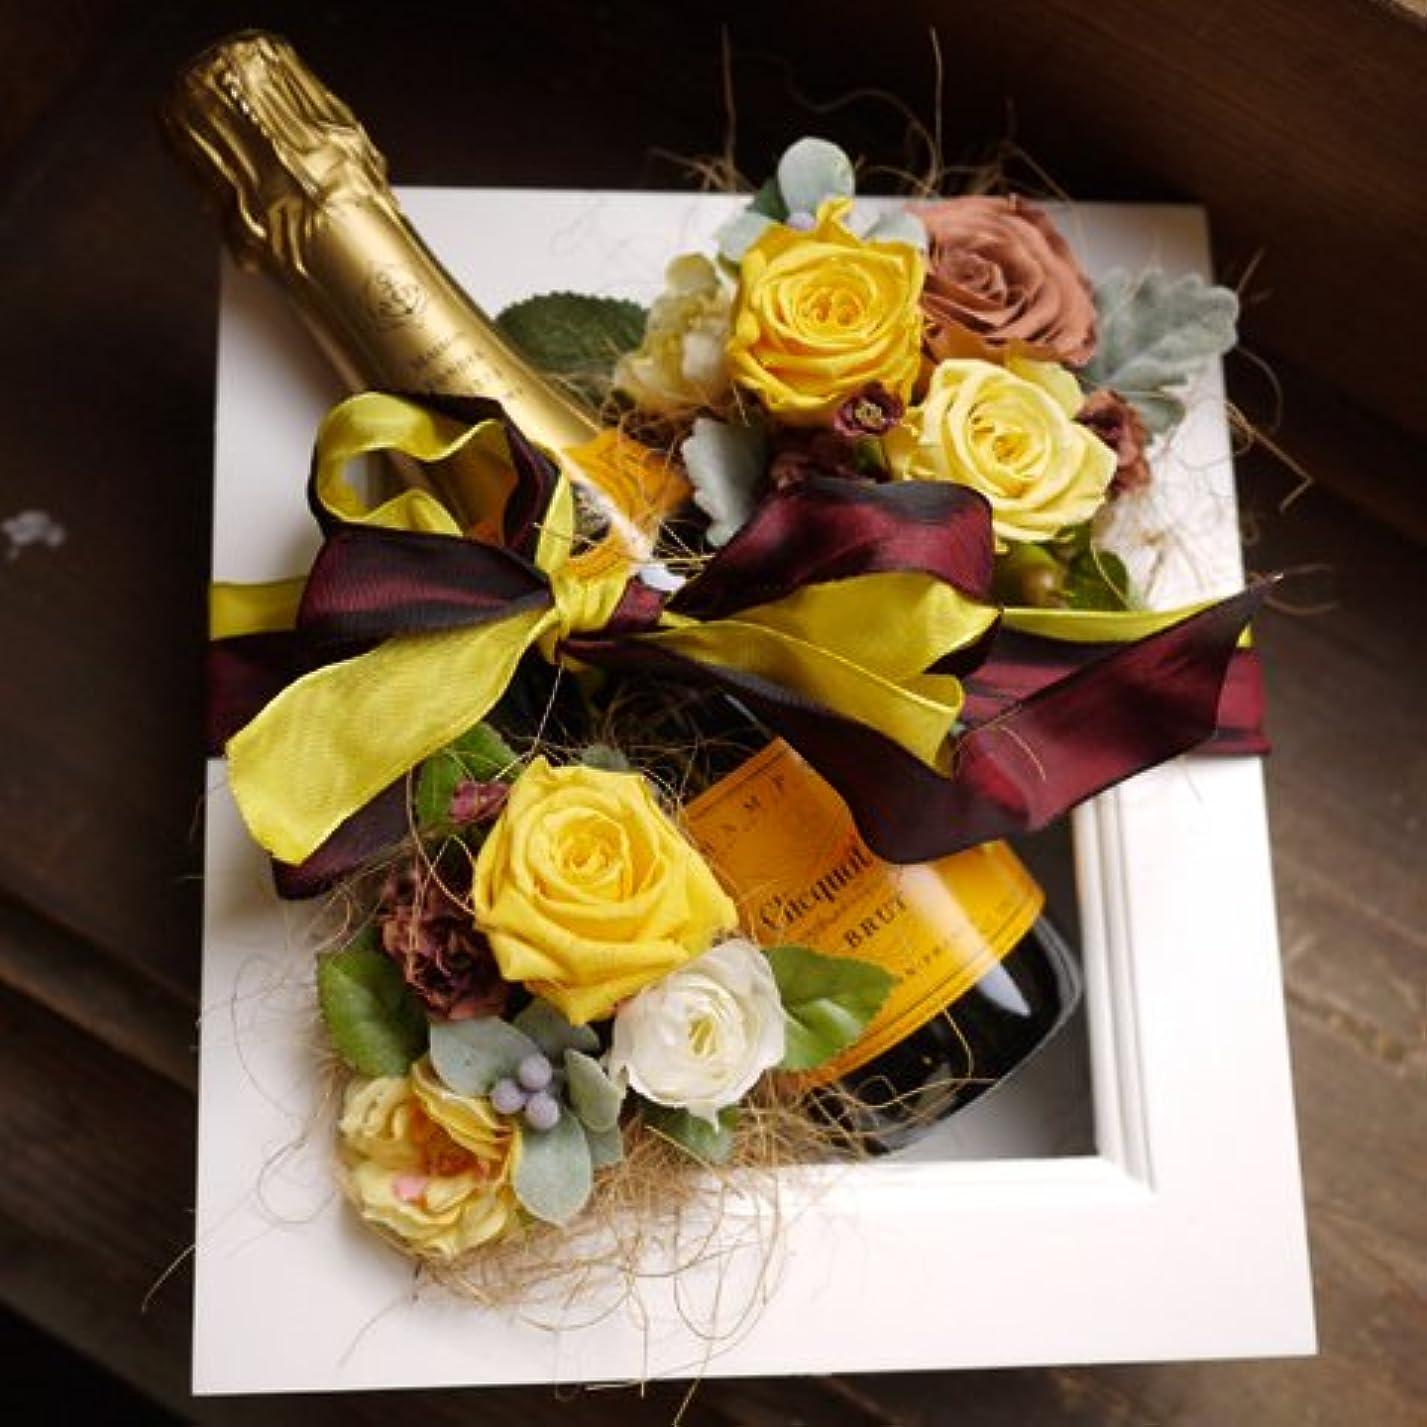 結び目詐欺師オーバーフロー開業祝い 開店祝い シャンパン お花 お祝い ギフト 誕生日プレゼント シャンパンとプリザの額縁アレンジ ヴーヴクリコイエローラベル